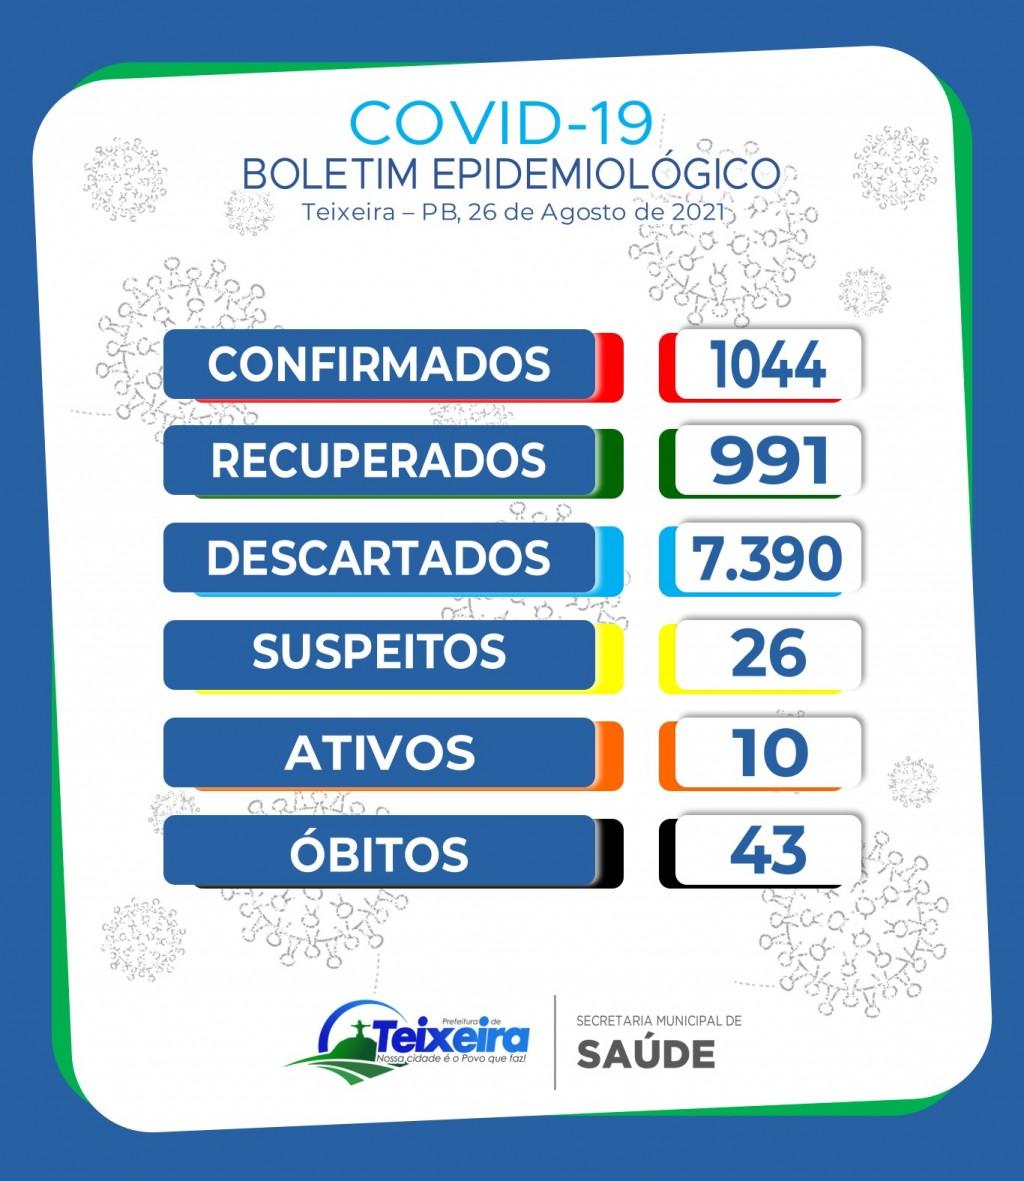 COVID-19: NOVO BOLETIM EPIDEMIOLÓGICO Atualizado em 26/08/2021